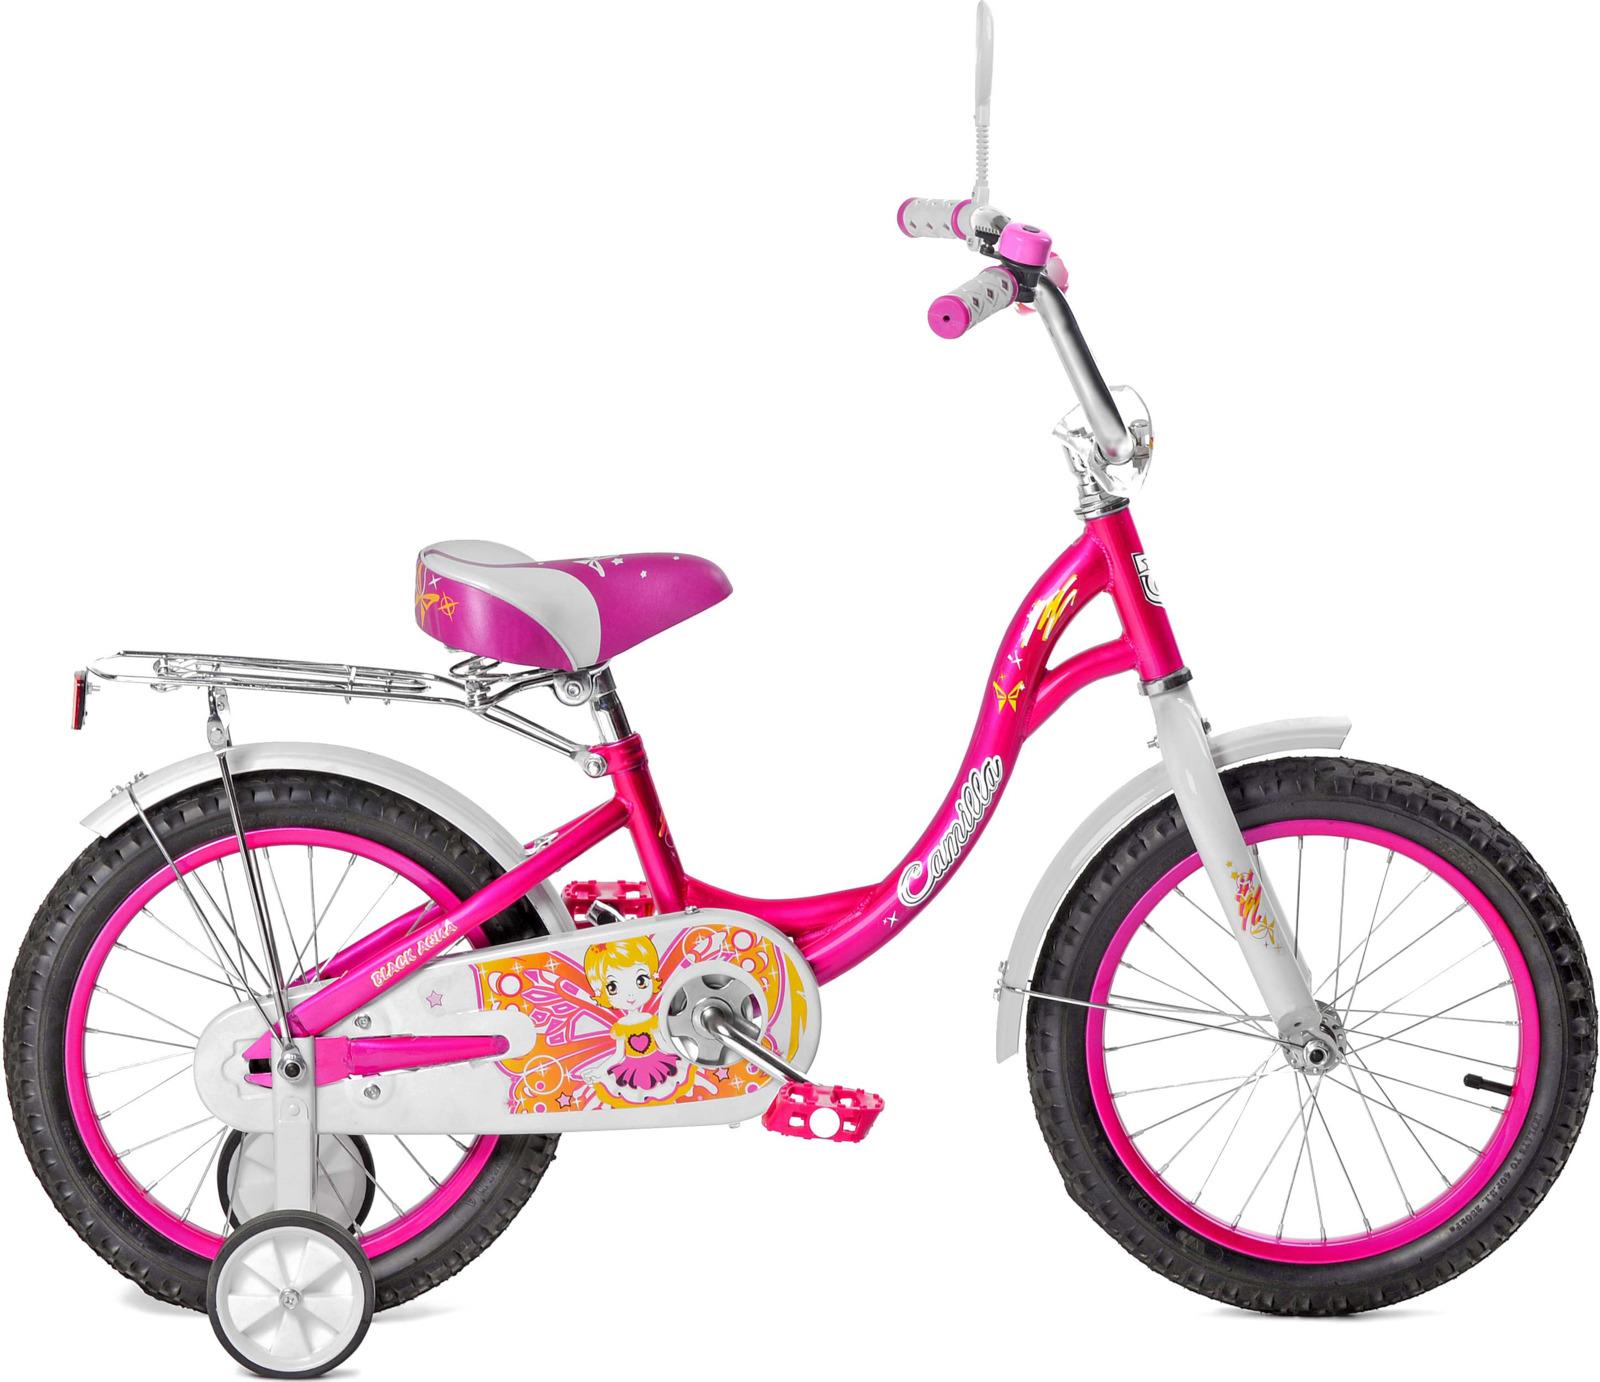 Велосипед детский Black Aqua Camilla, KG1217, со светящимися колесами, колесо 12, розовый цена